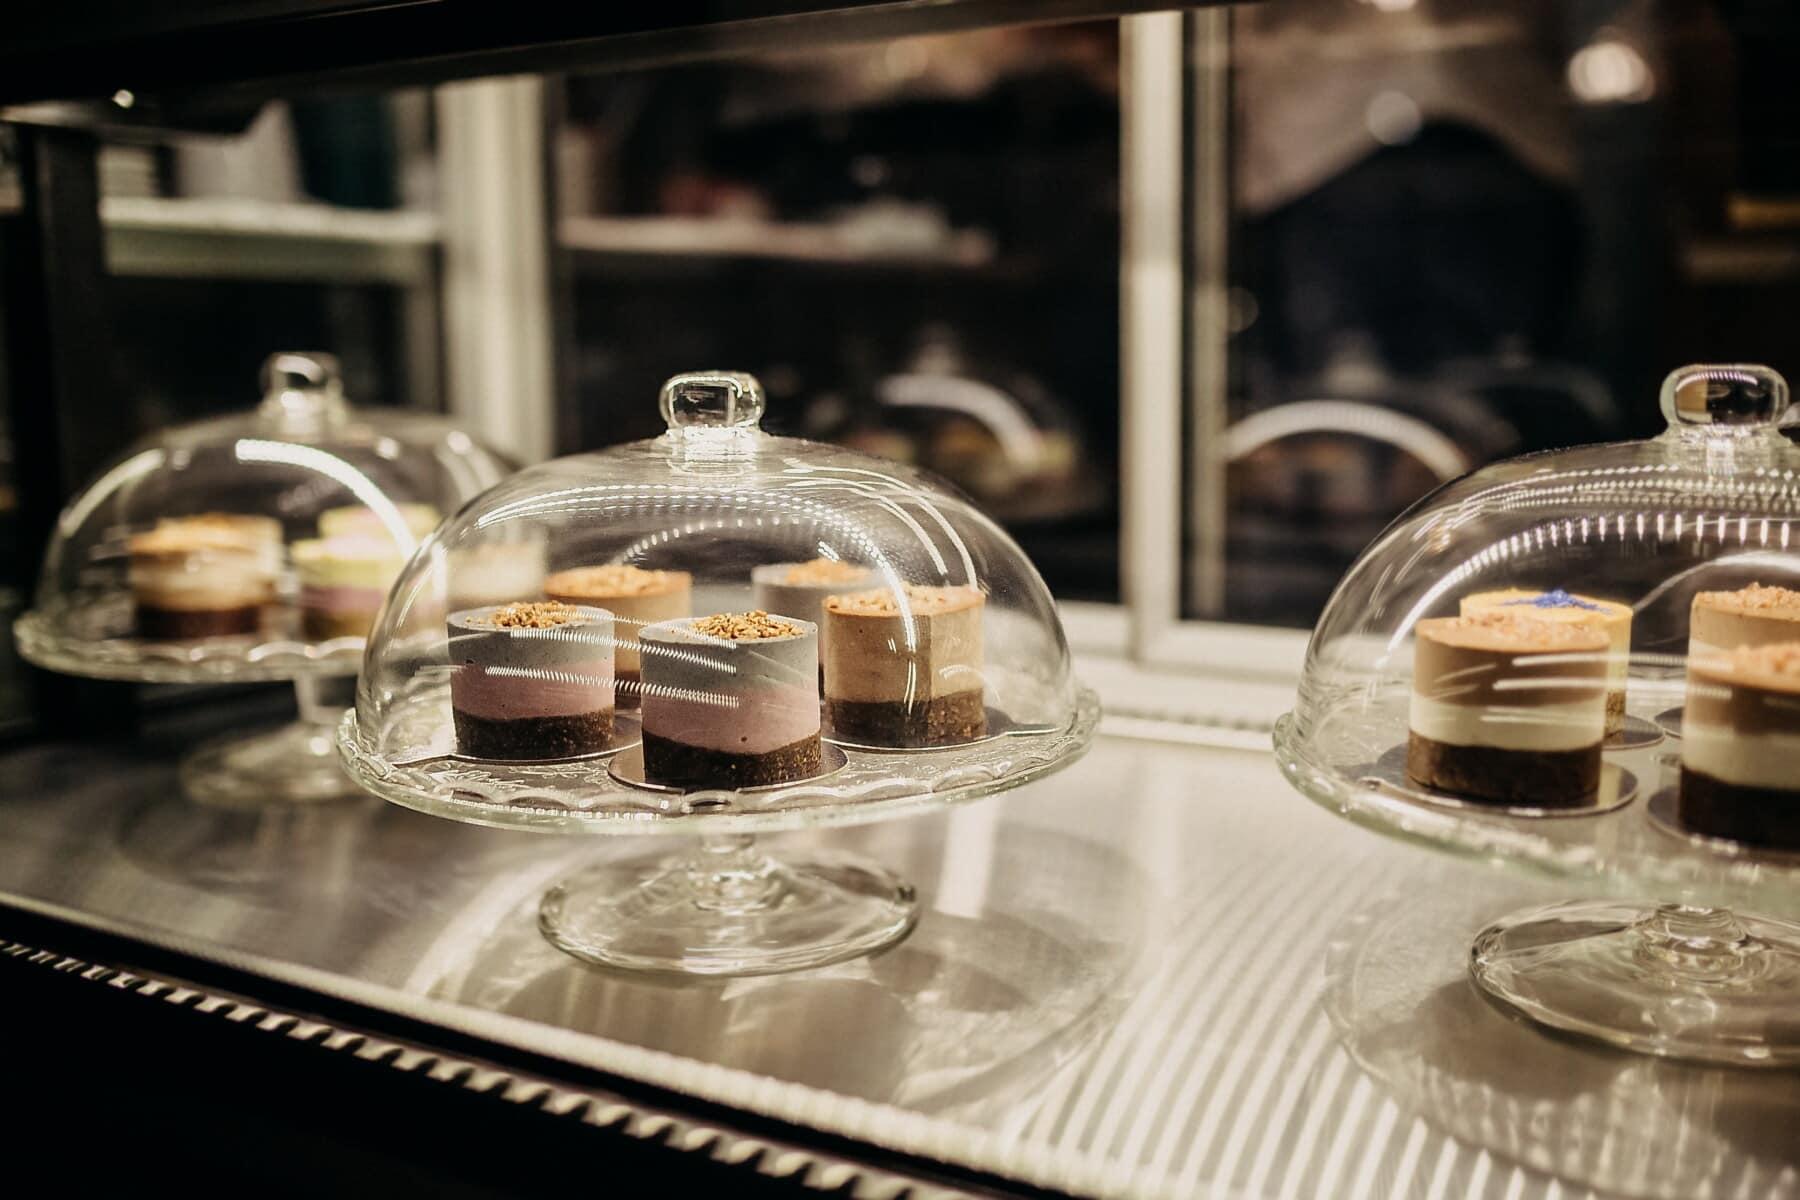 pastelería, Taller, postre, por debajo de, vidrio, campana, tienda, restaurante, alimentos, adentro